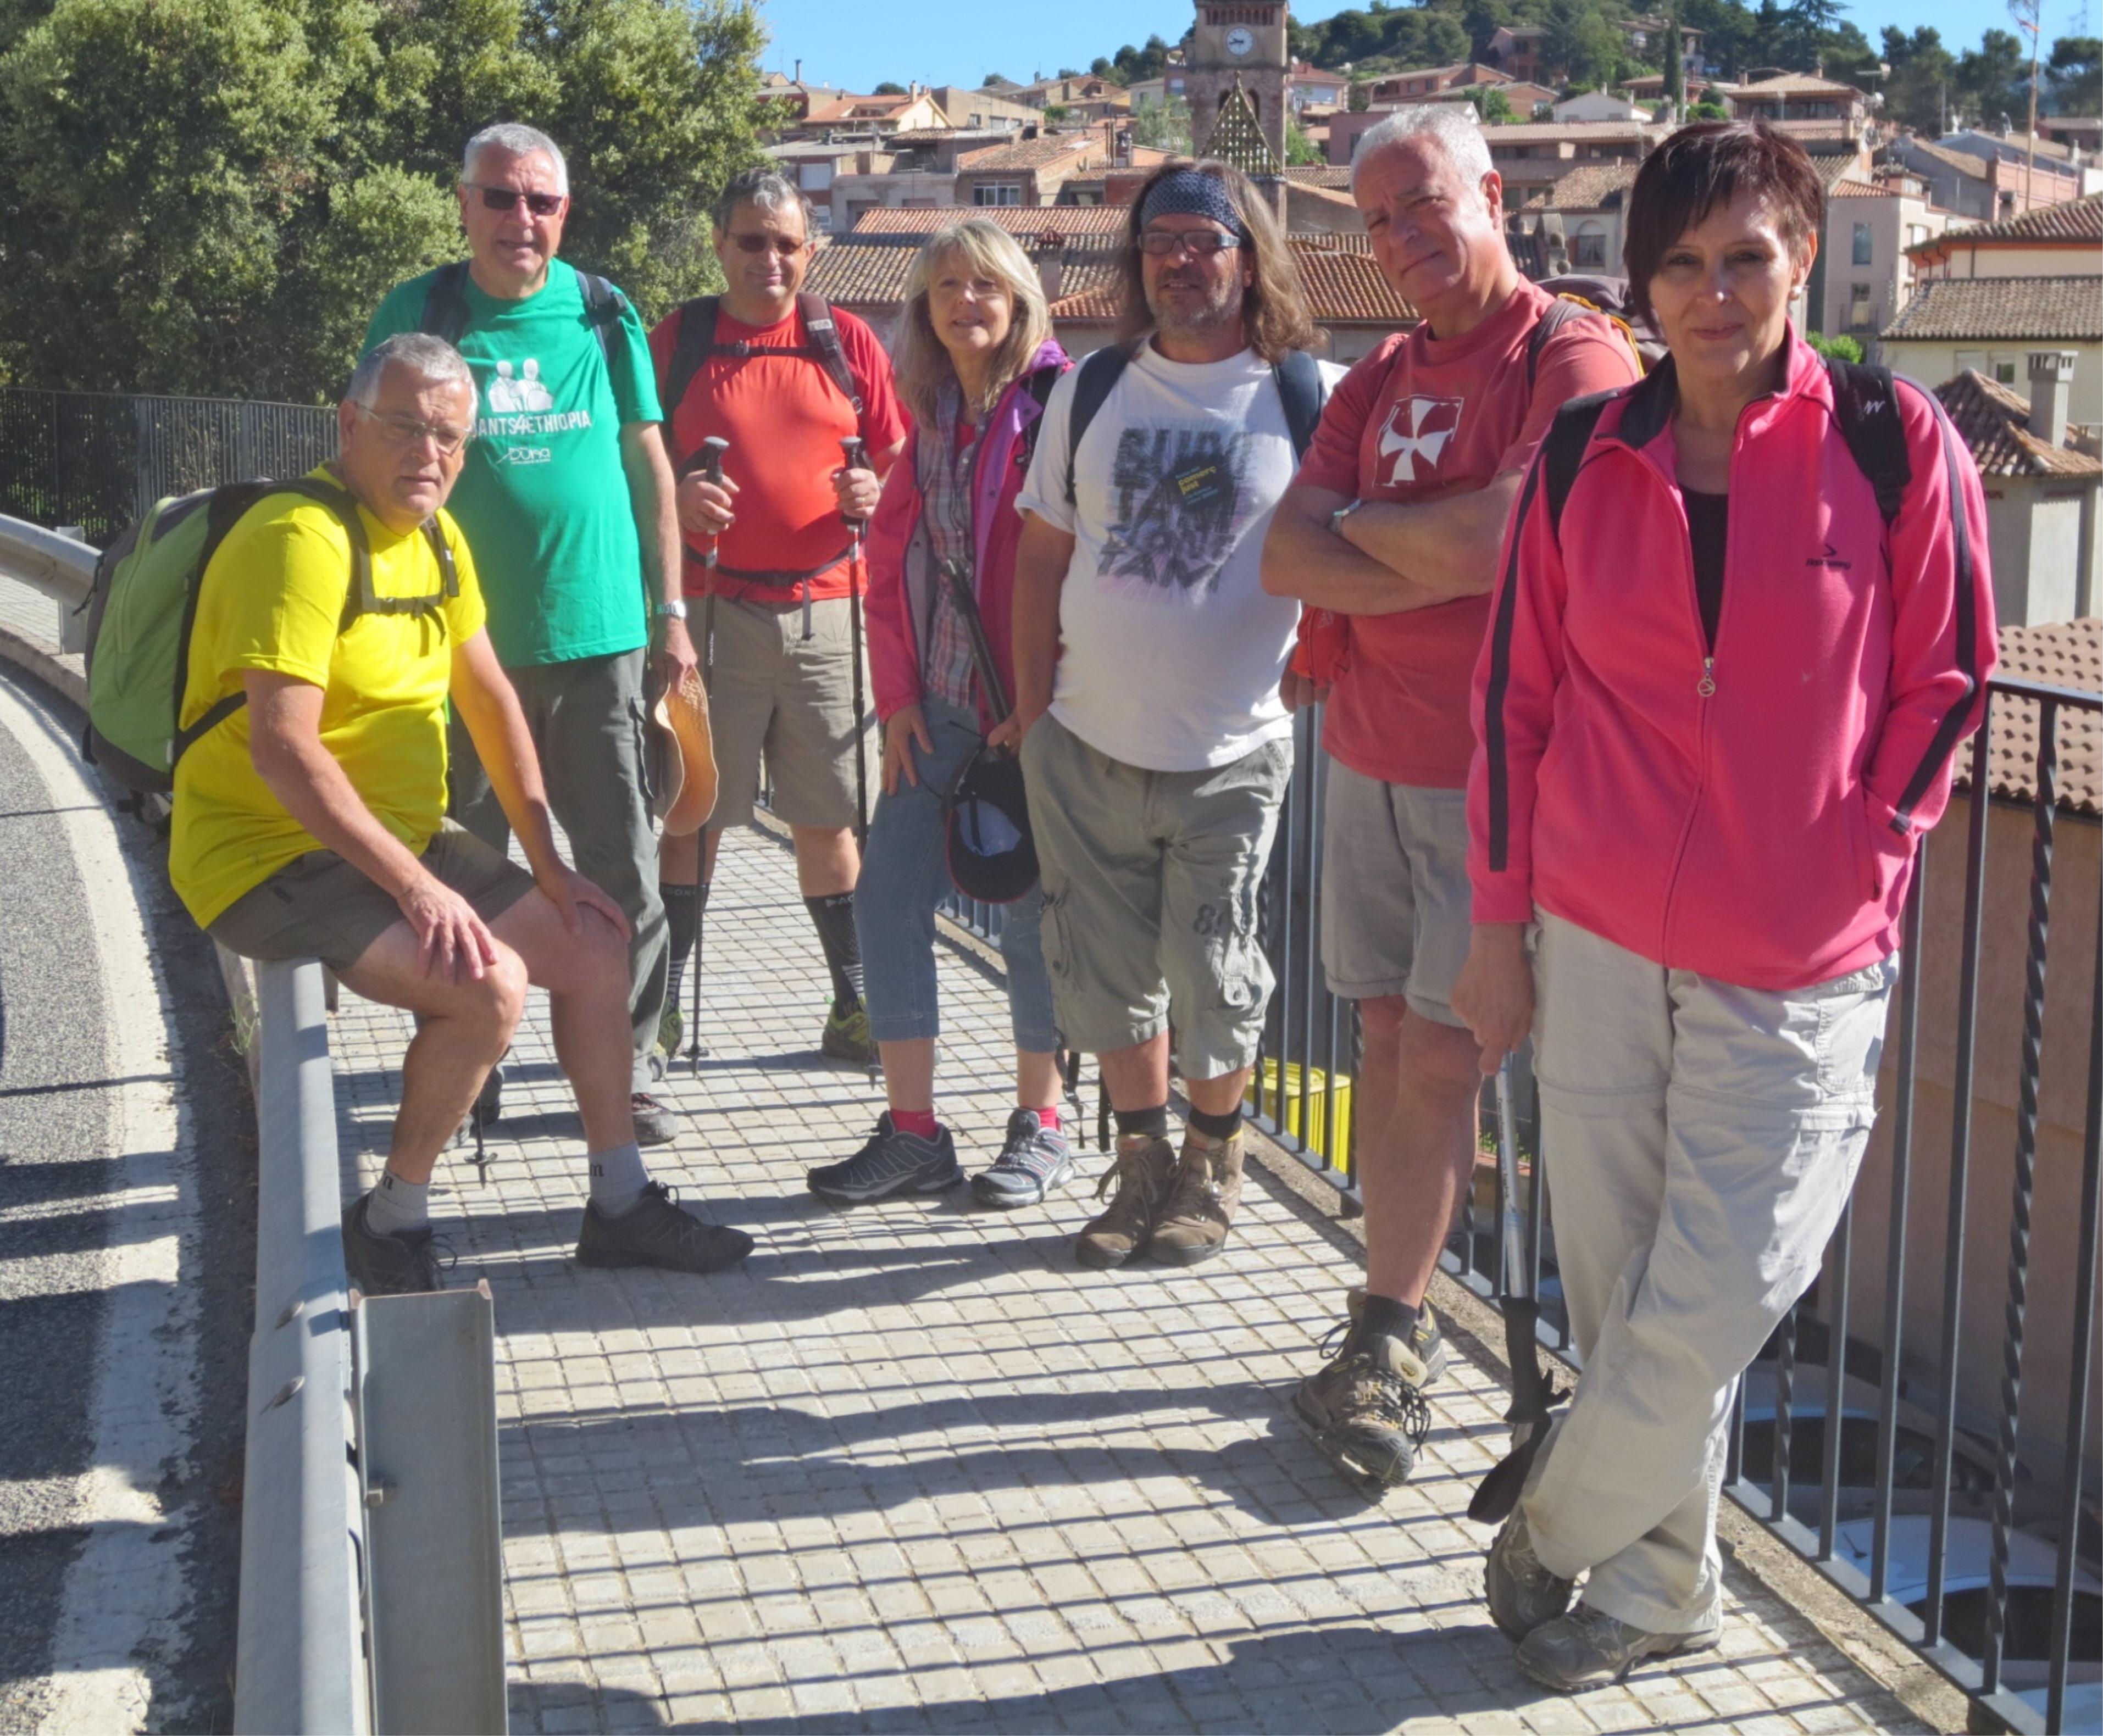 Fotos de la sortida castellar del vall s sabadell - Tiempo castellar del valles ...